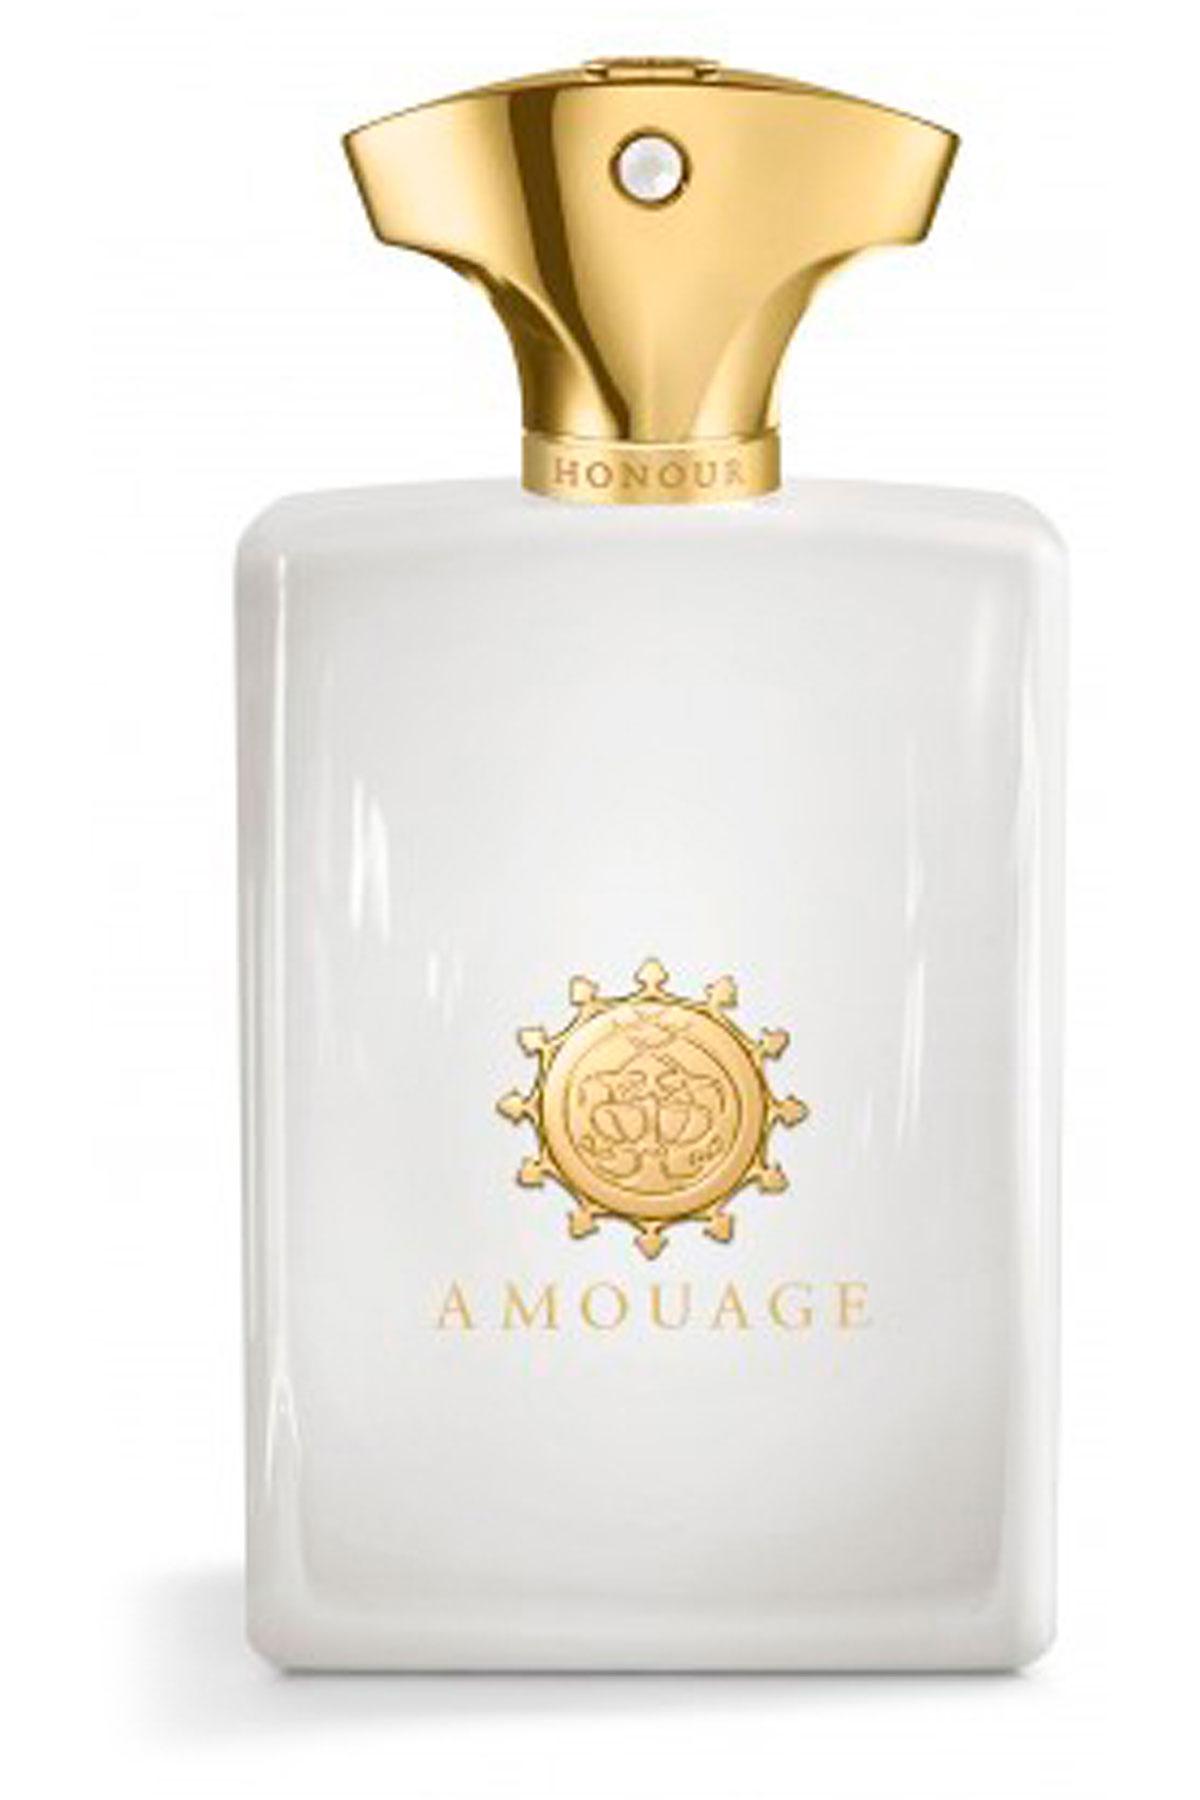 Amouage Fragrances for Men, Honour Man - Eau De Parfum - 50 Ml, 2019, 50 ml